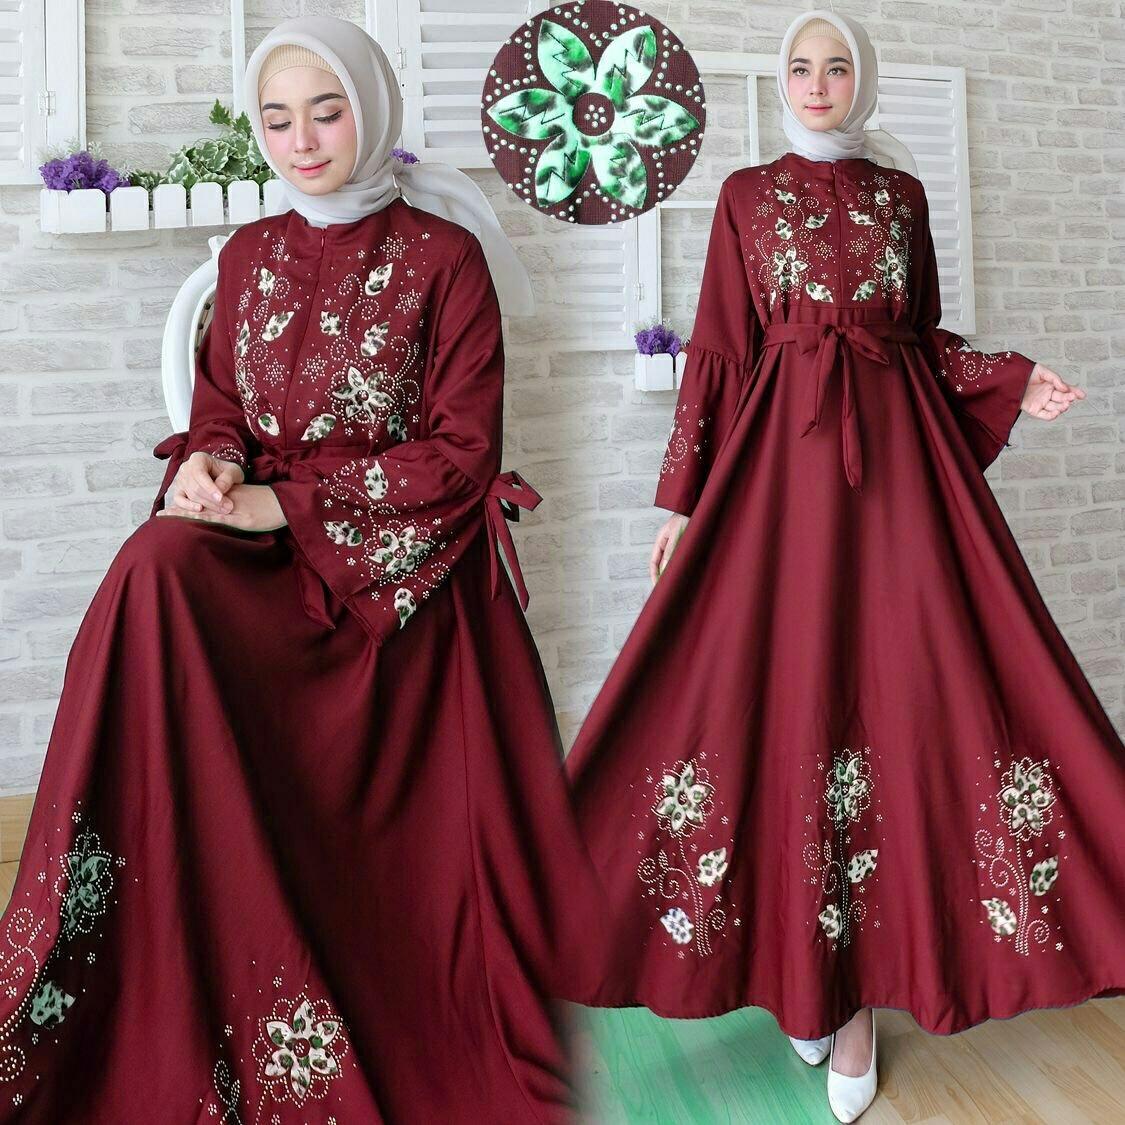 Kehebatan Gamis Muslimah Baju Muslimah Gamis Muslim Baju Muslim